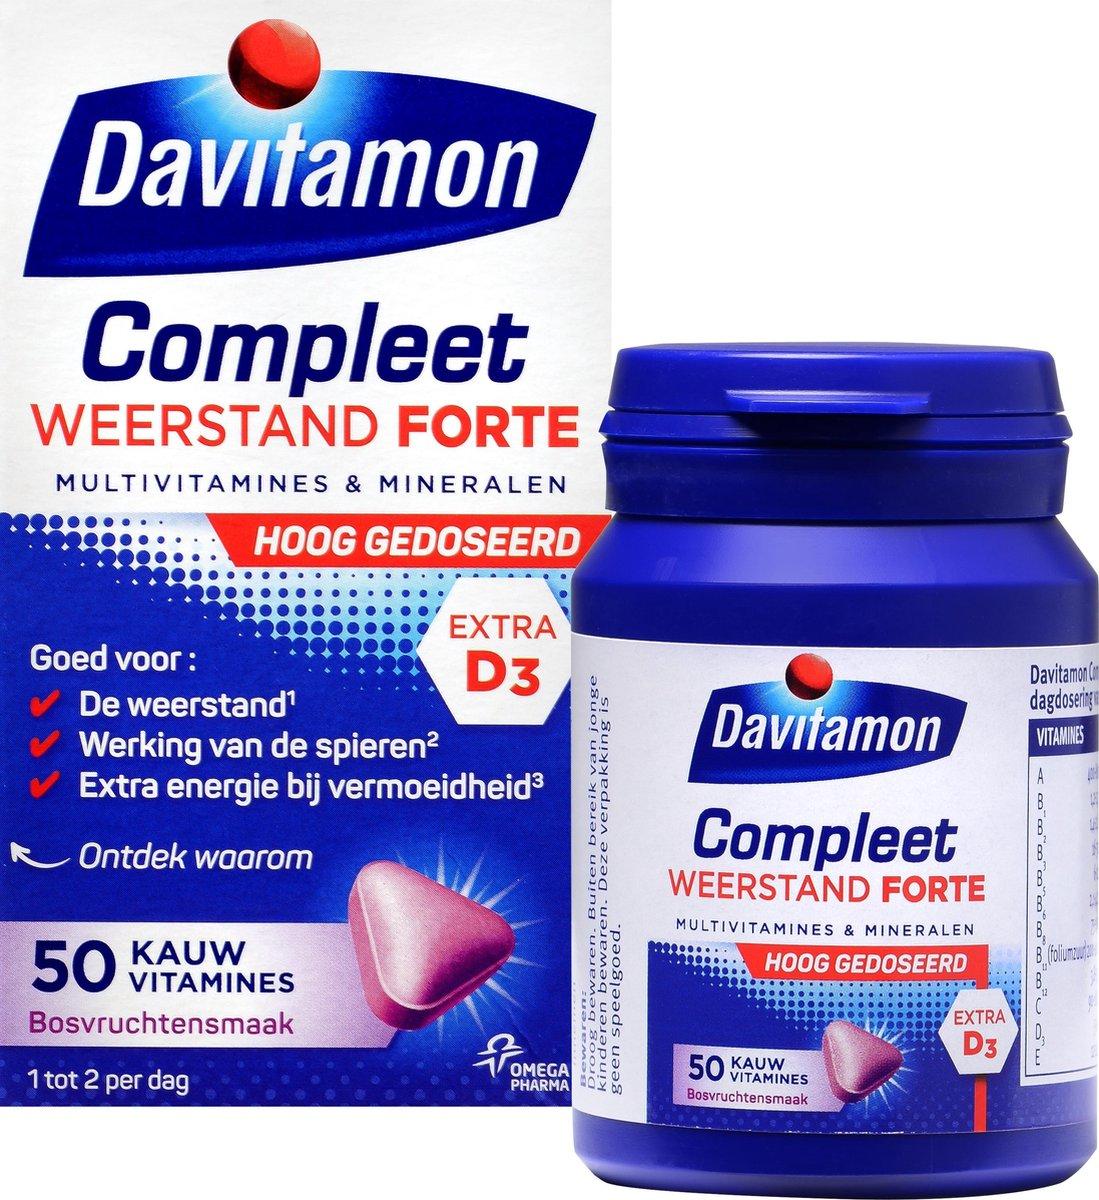 Davitamon Compleet Weerstand Forte met vitamine D - Multivitaminen en mineralen - Kauwtabletten 50 s